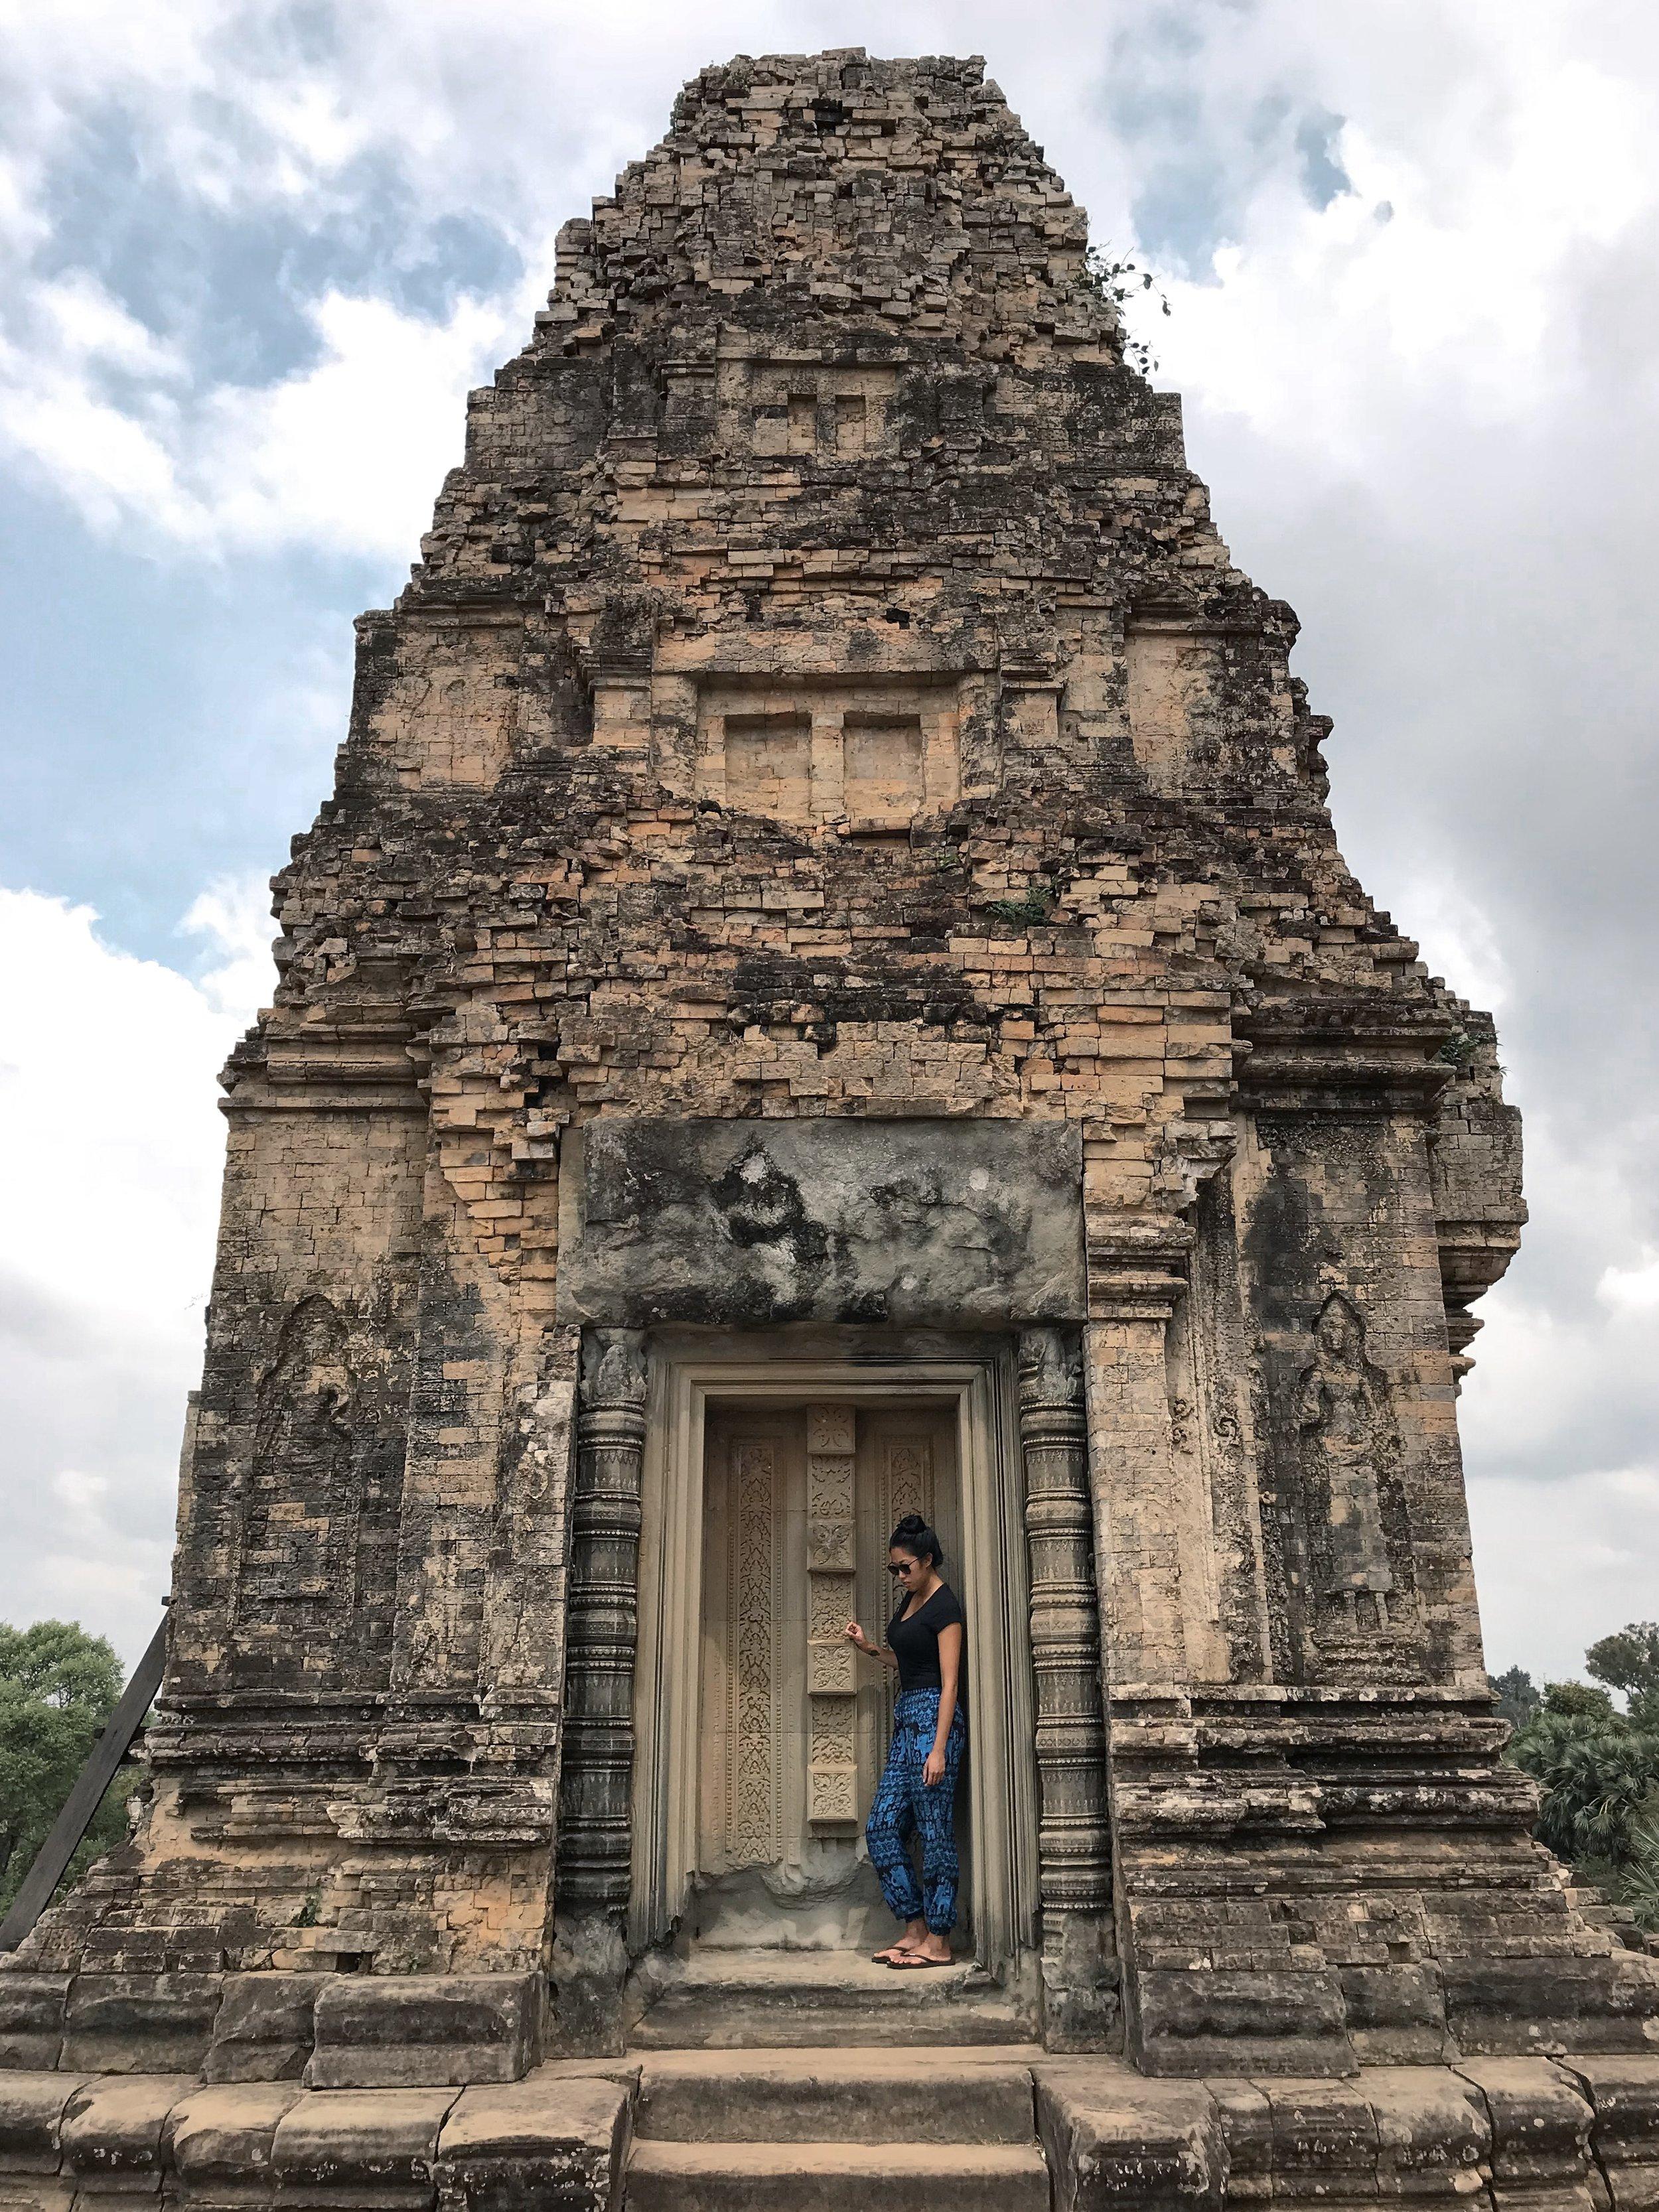 Photo taken at Angkor Wat.